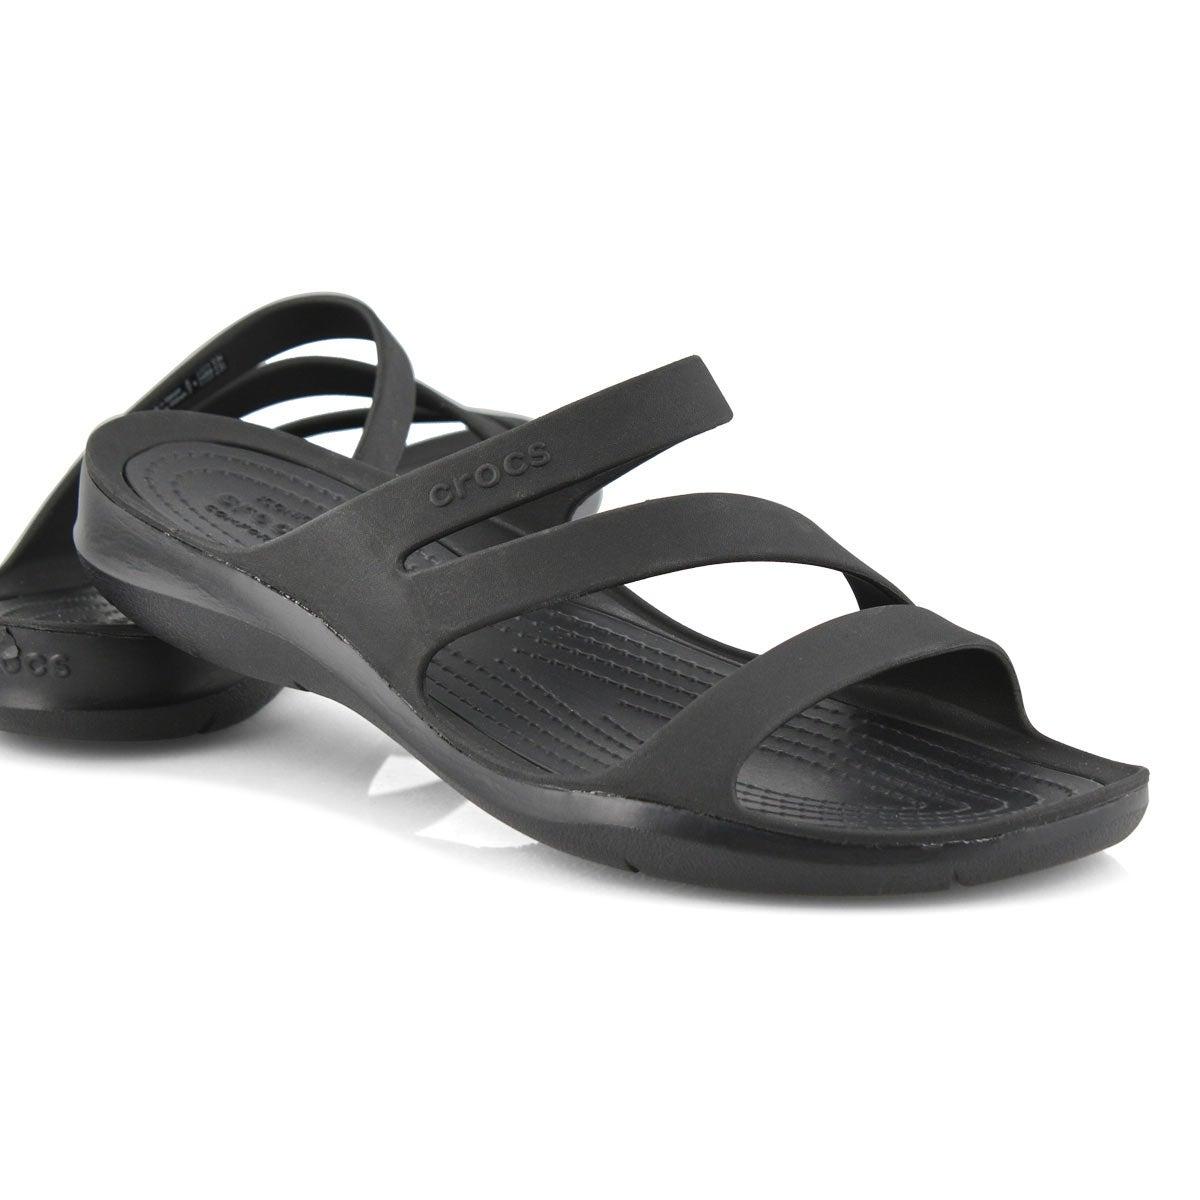 Lds Swiftwater black/black slide sandal